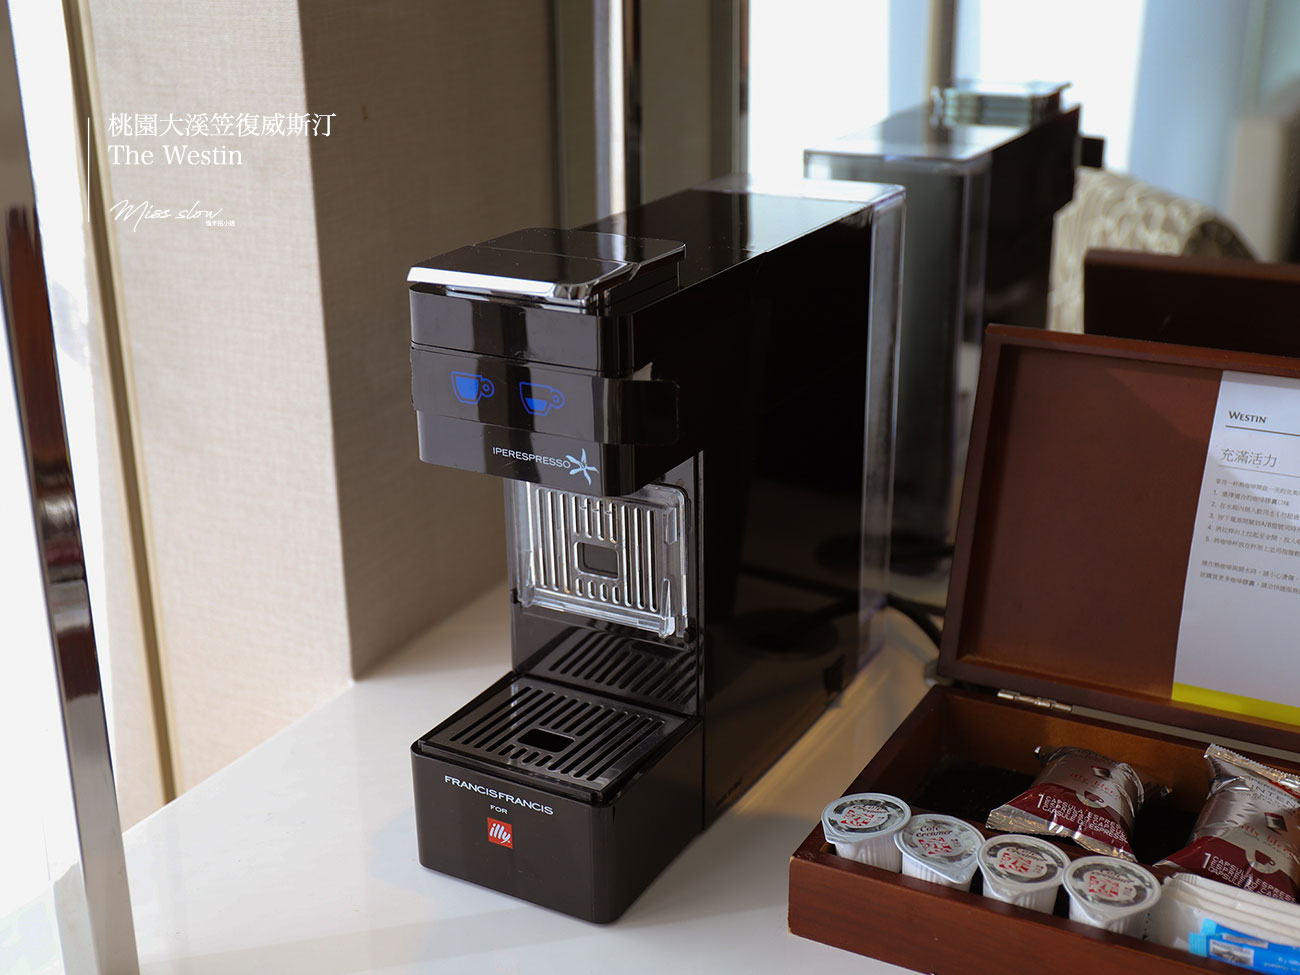 桃園大溪笠復威斯汀雙人房咖啡機